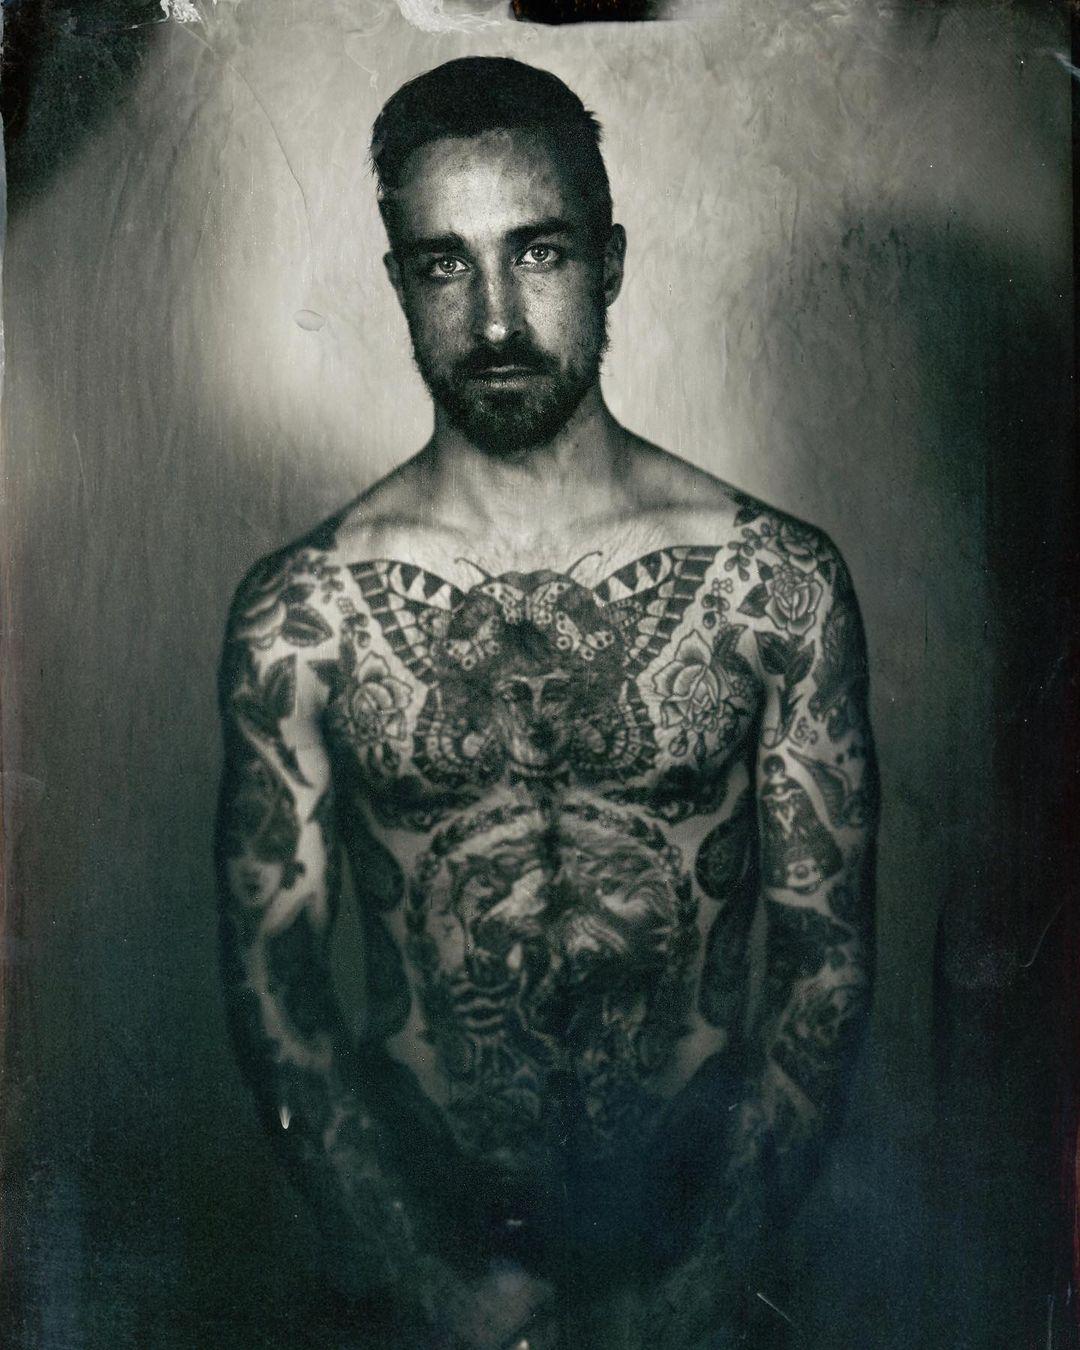 Le monde du tatouage a beaucoup relayé le travail d'Enzo Lucia : un réseau solide